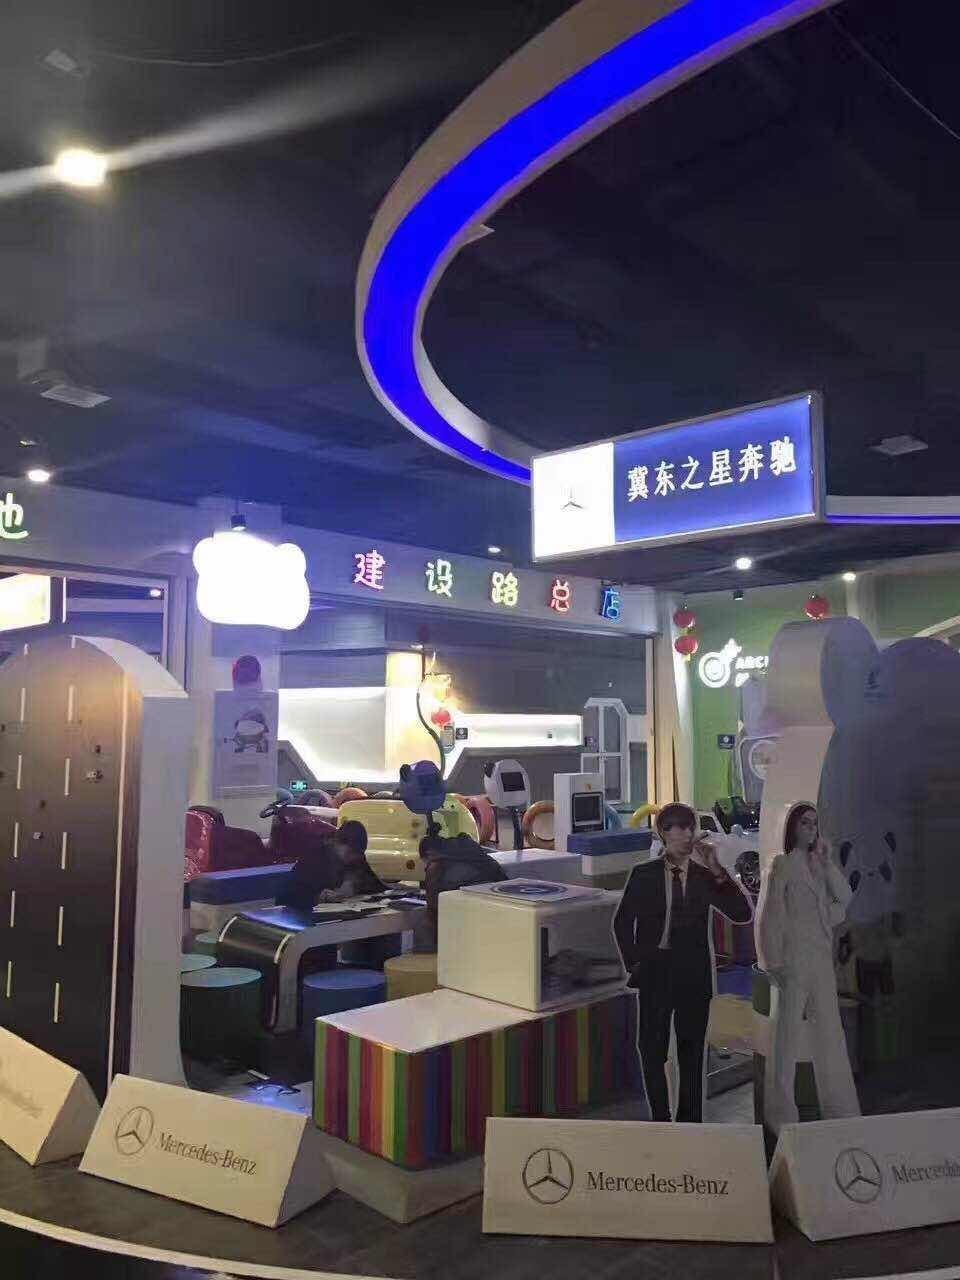 荣盛未来城五证齐全委托经营生钱的柜台,钱仔可以旅游养老金